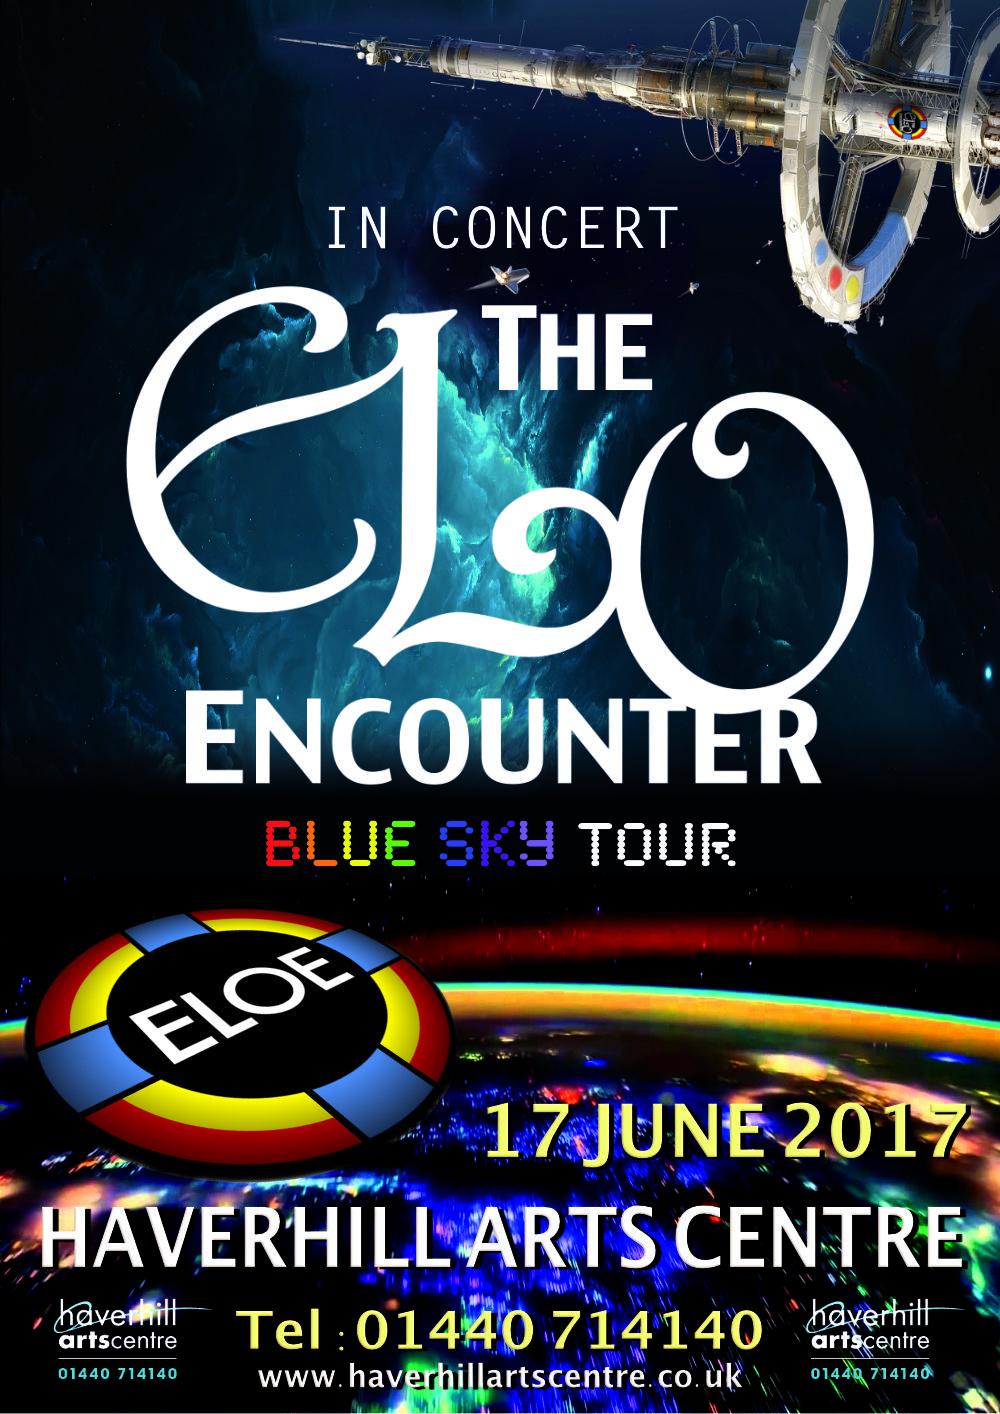 Haverhill Arts Centre - ELO Encounter Tribute Poster